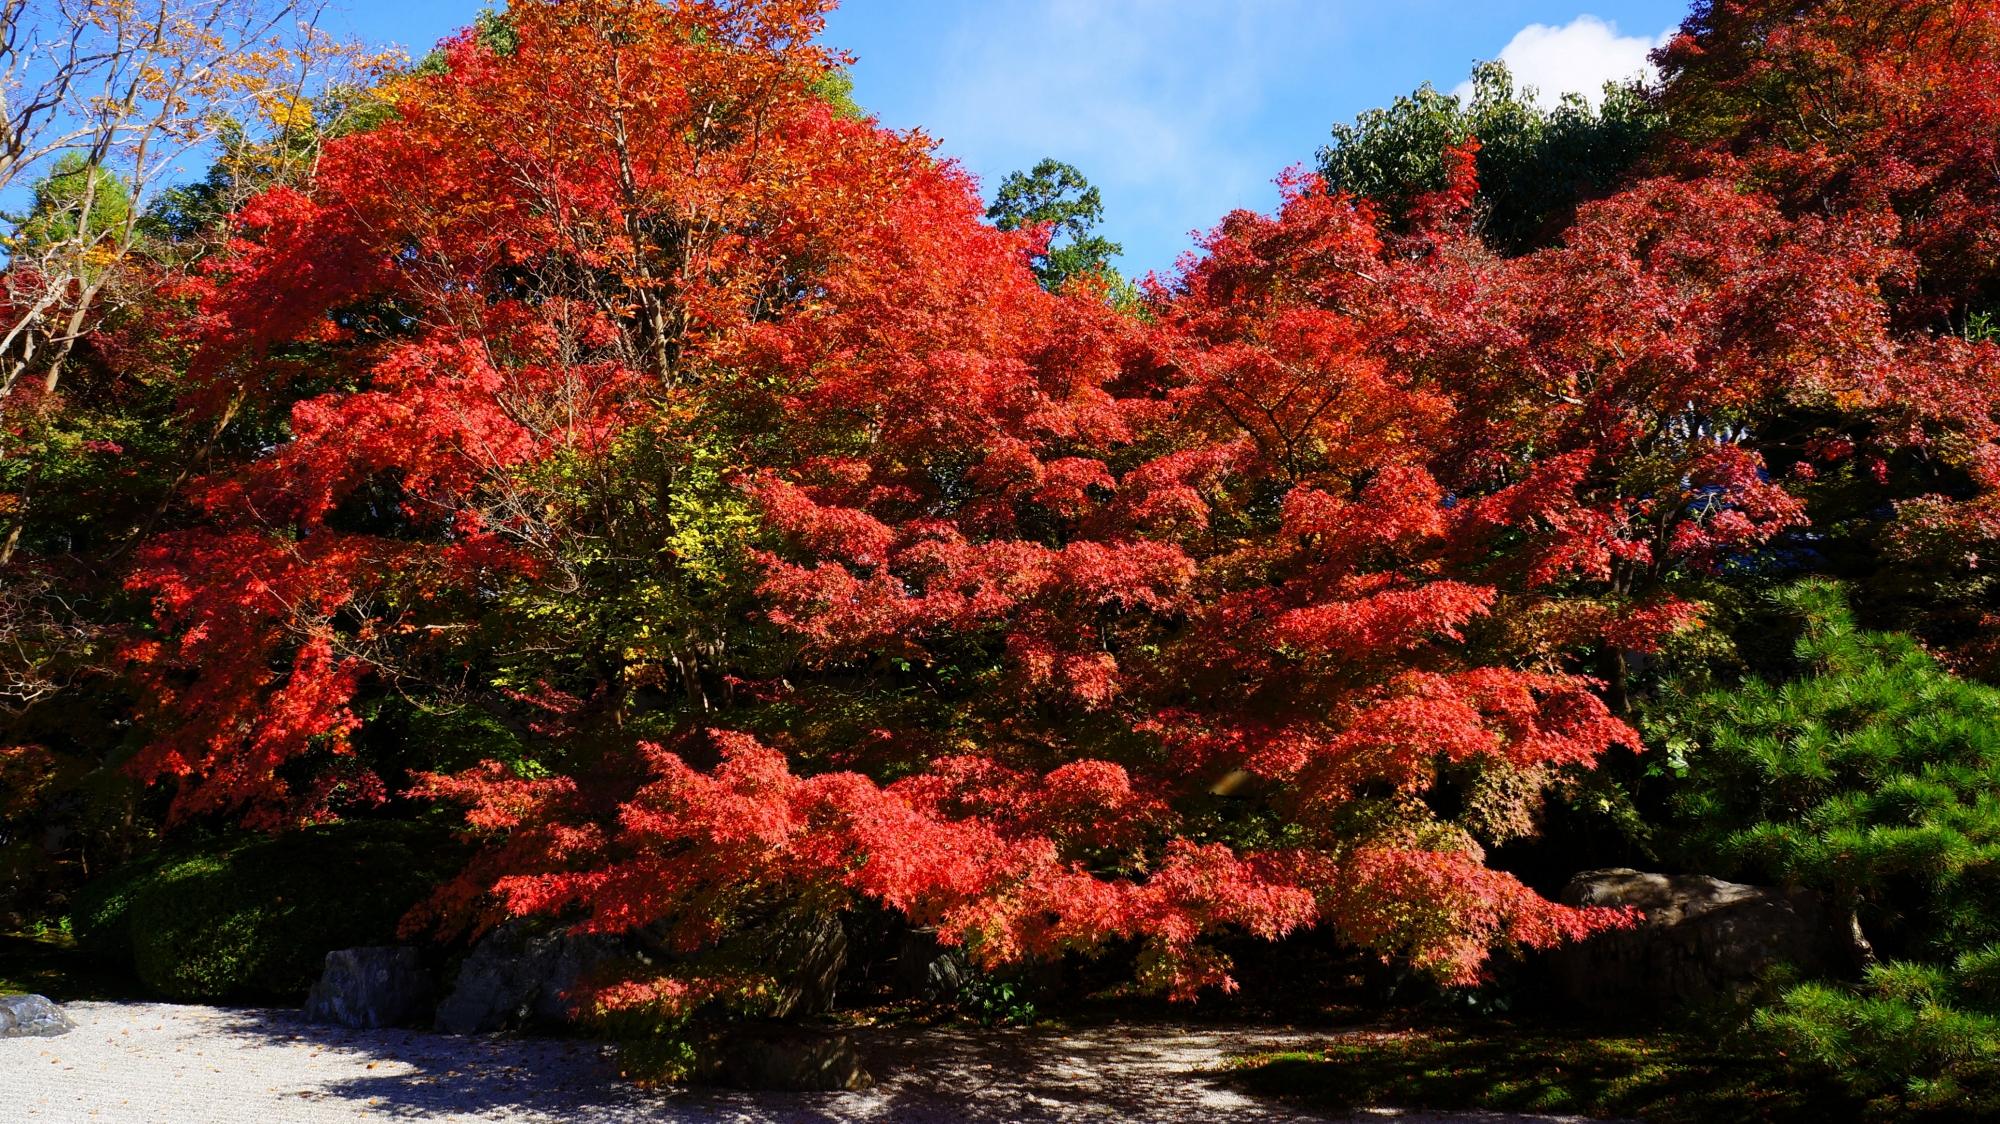 白砂や緑を彩る炎のような赤い紅葉